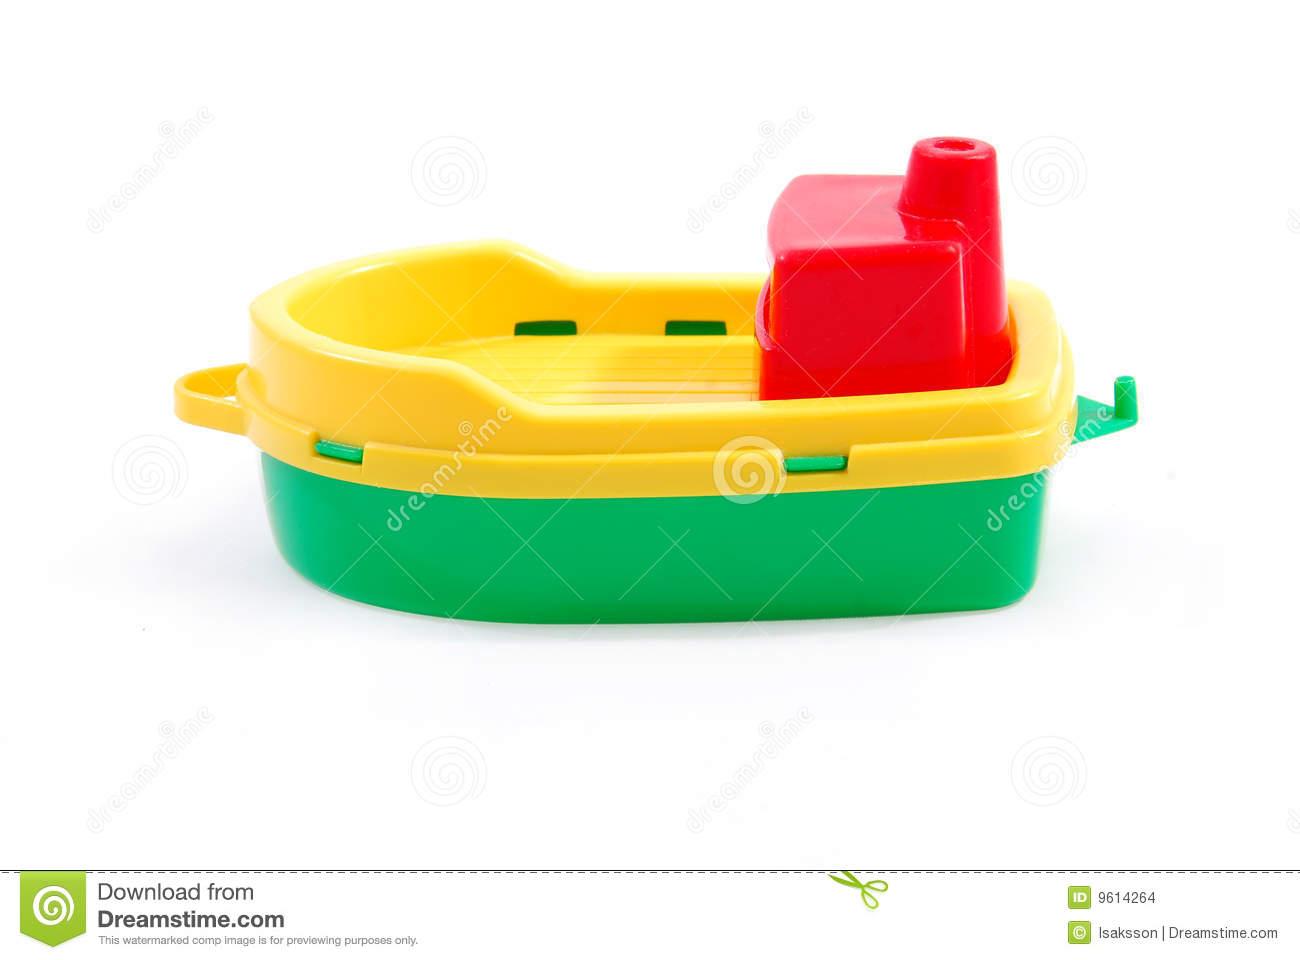 Boat toy würd